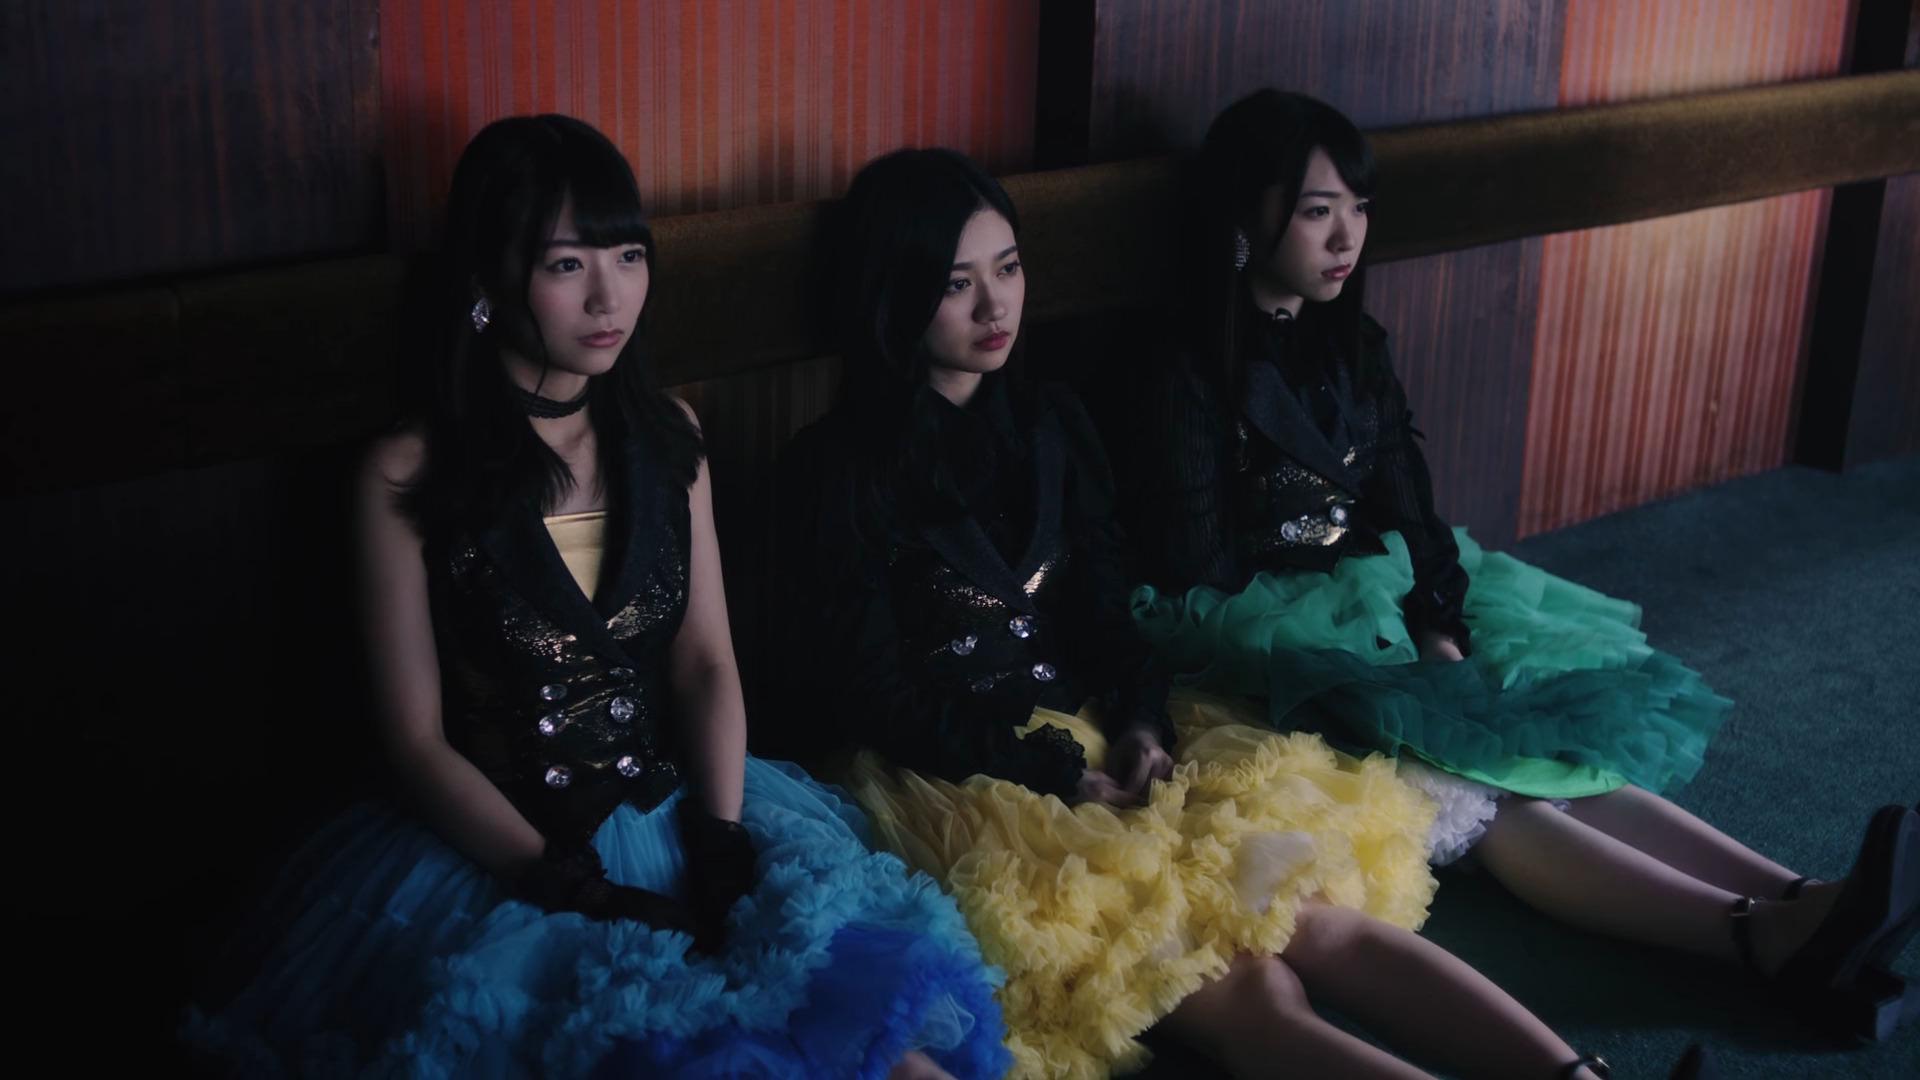 乃木坂46 21stアンダー曲「三角の空き地」MVフル